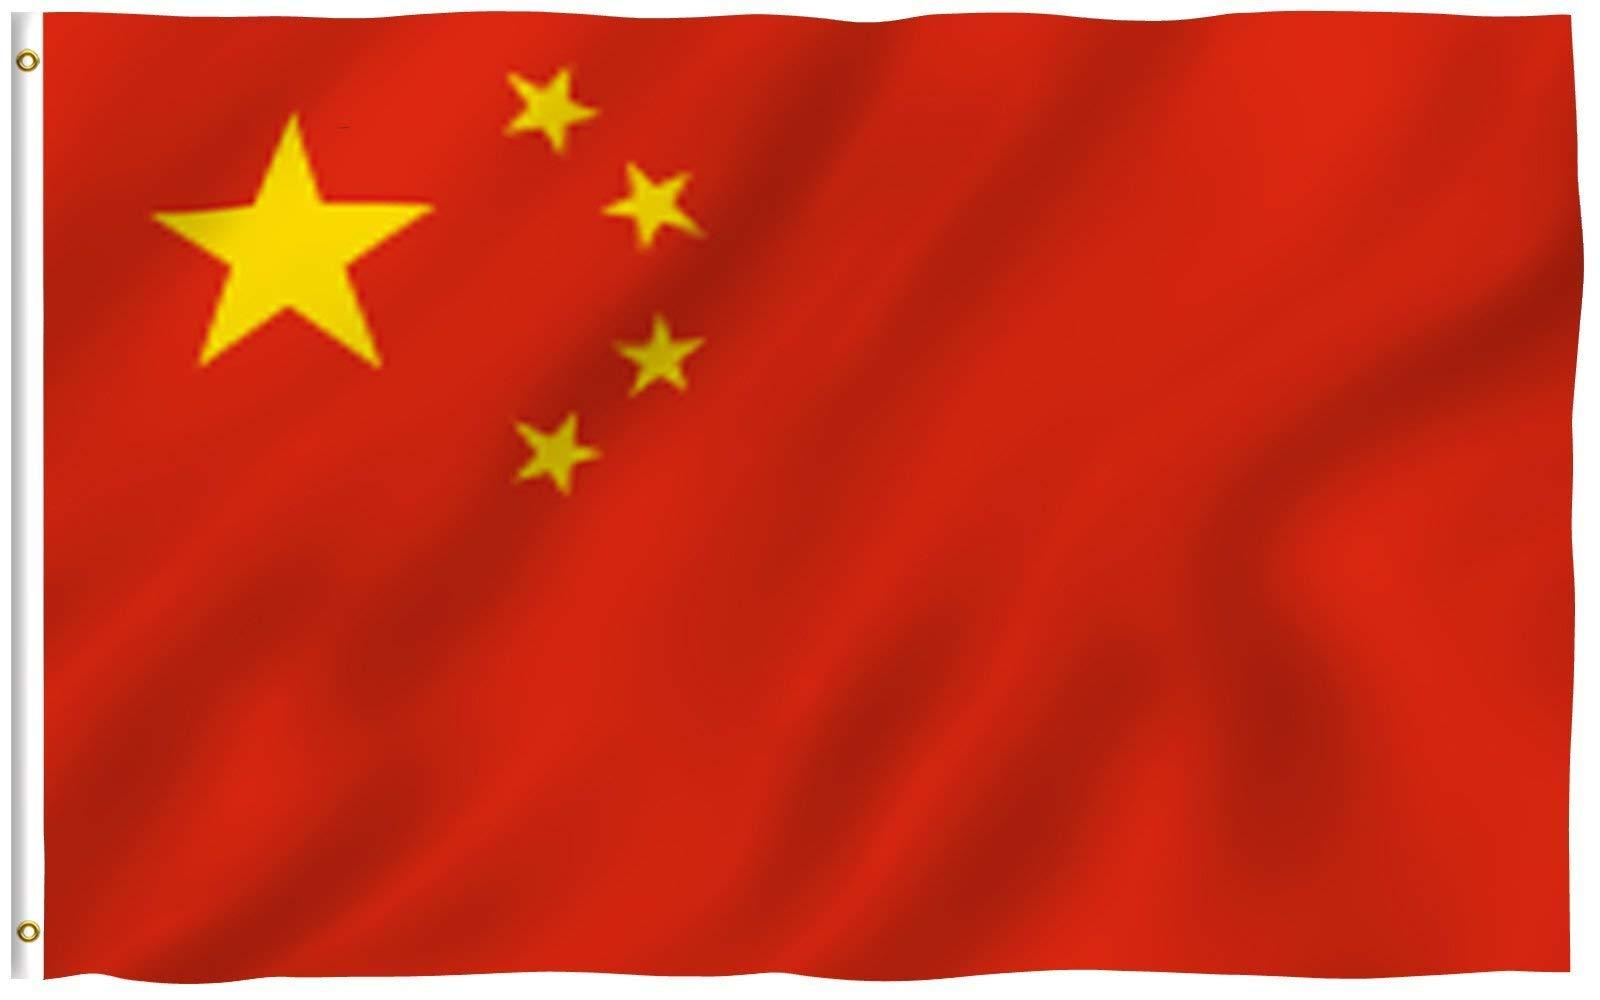 Anley Fly Breeze 90 x 150 cm Bandera China - Colores Vivos y ...